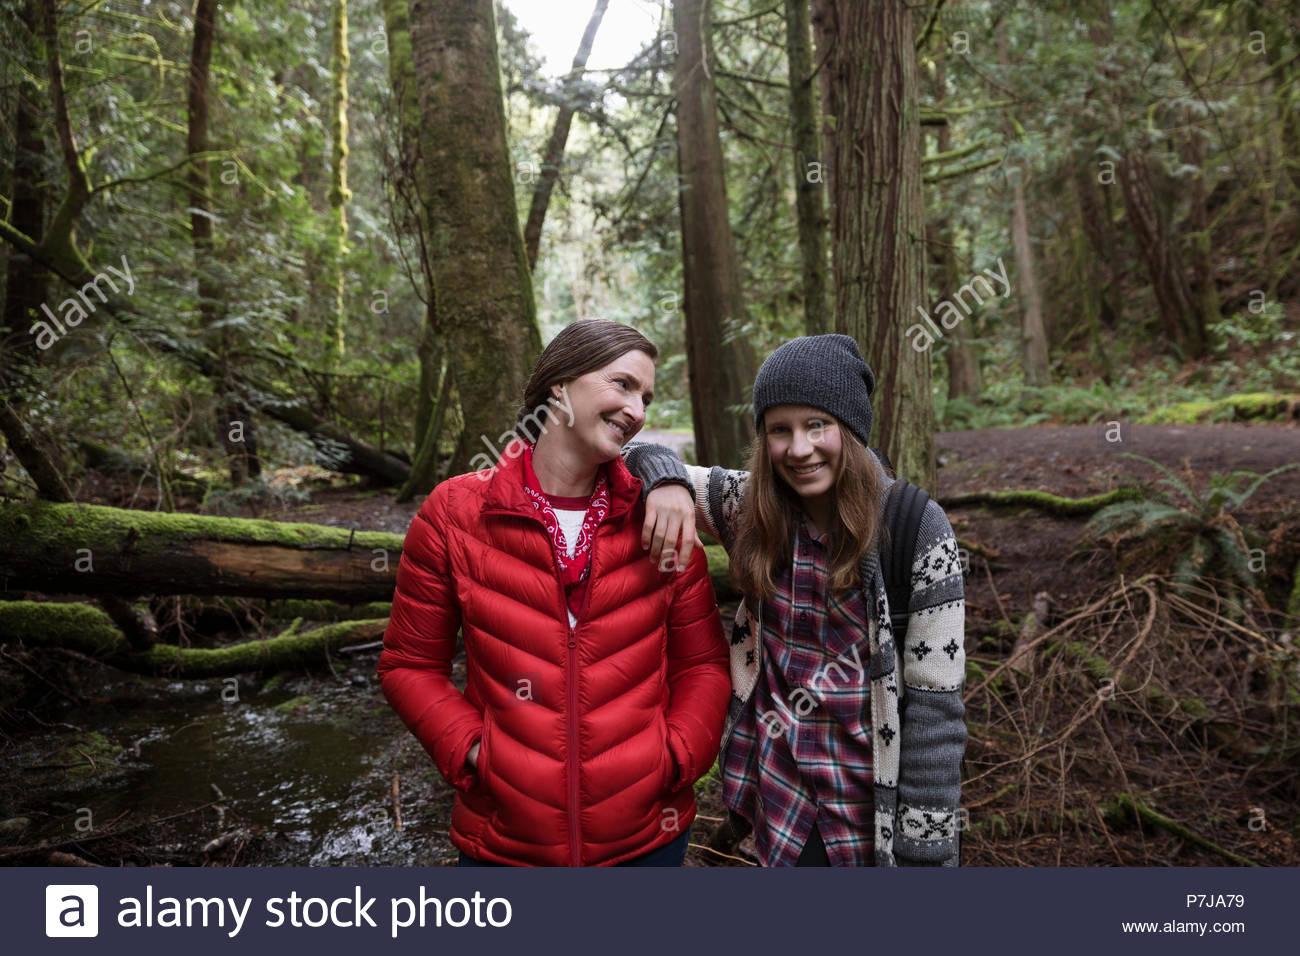 Confiant Portrait mère et fille de la randonnée dans les bois Photo Stock